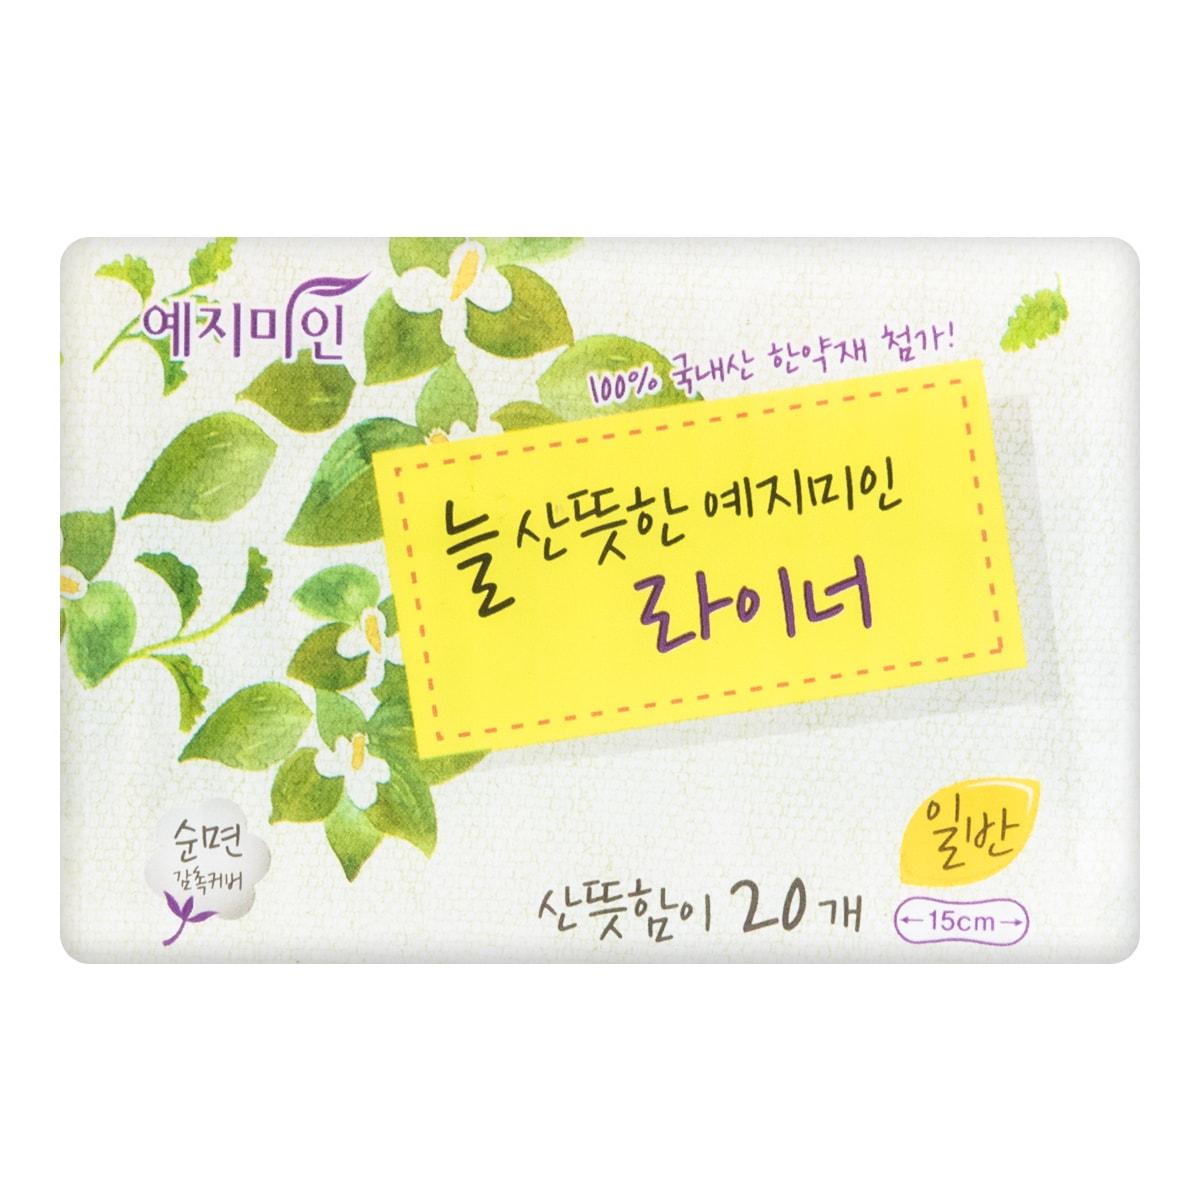 韩国YEJIMIIN礼知美人 纯棉超薄卫生护垫 15CM  20片装 无荧光